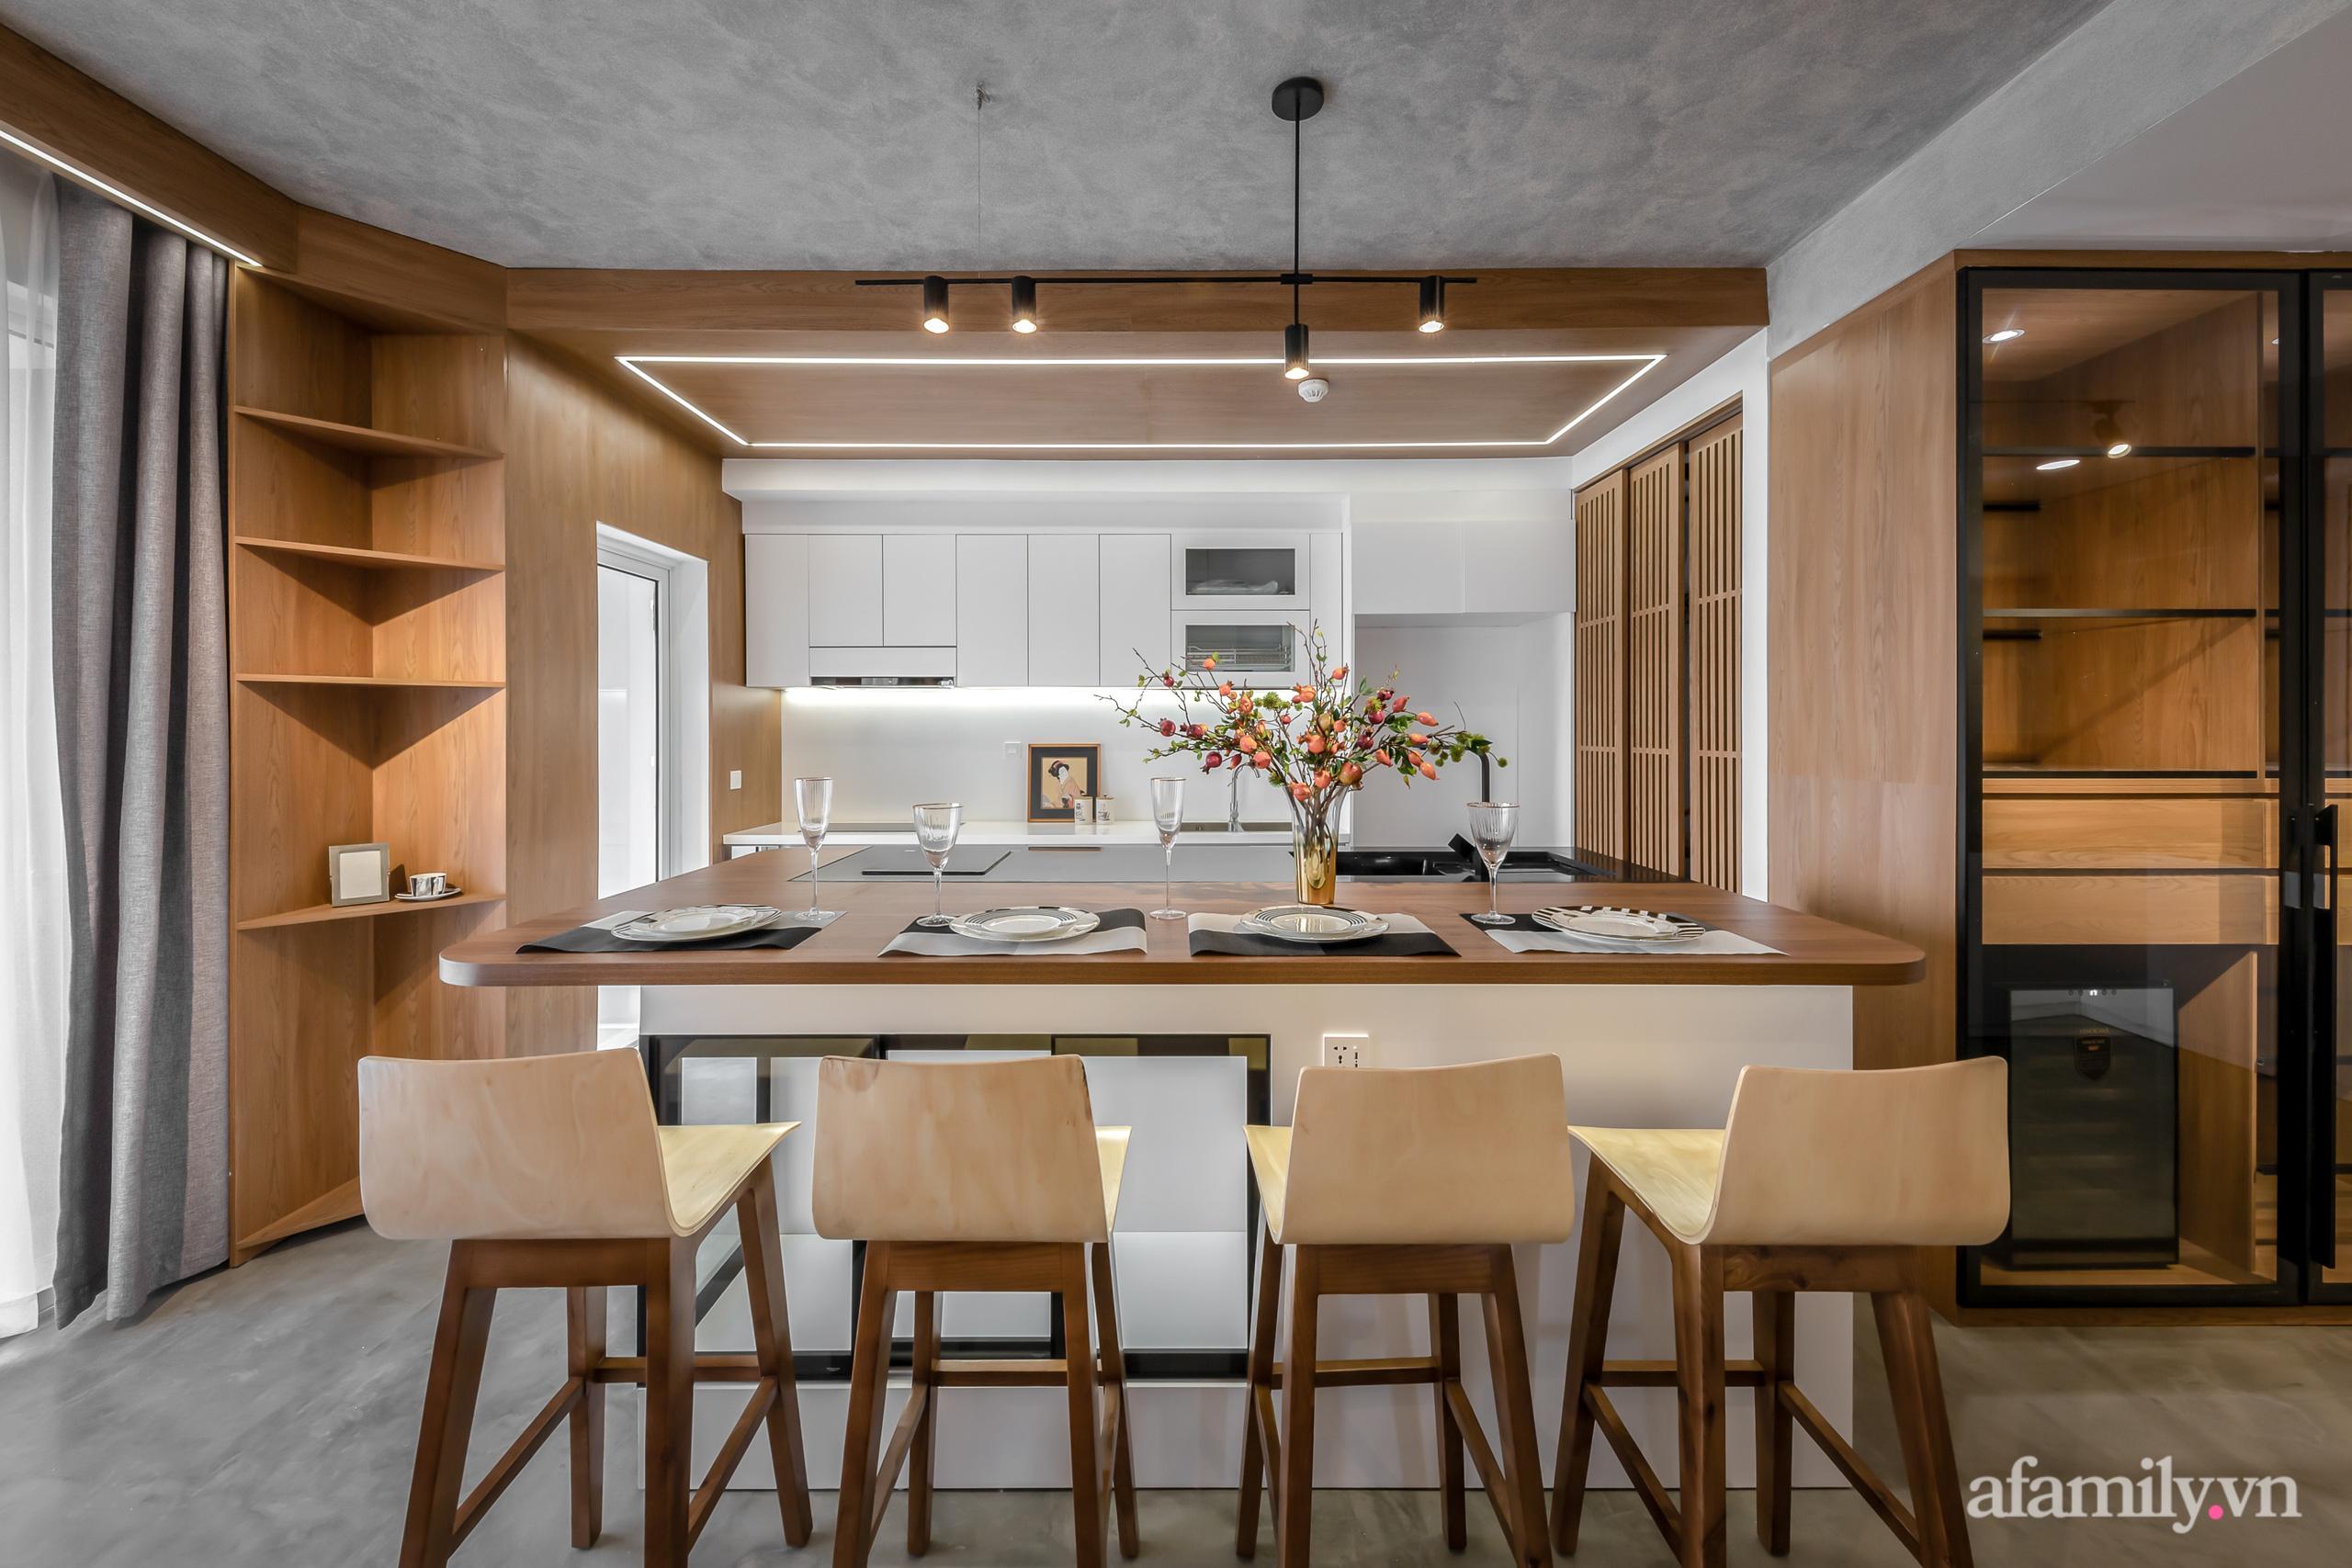 Căn hộ 106m² đẹp cá tính với hiệu ứng bê tông cùng phong cách tối giản có chi phí hoàn thiện 950 triệu đồng ở Sài Gòn - Ảnh 8.